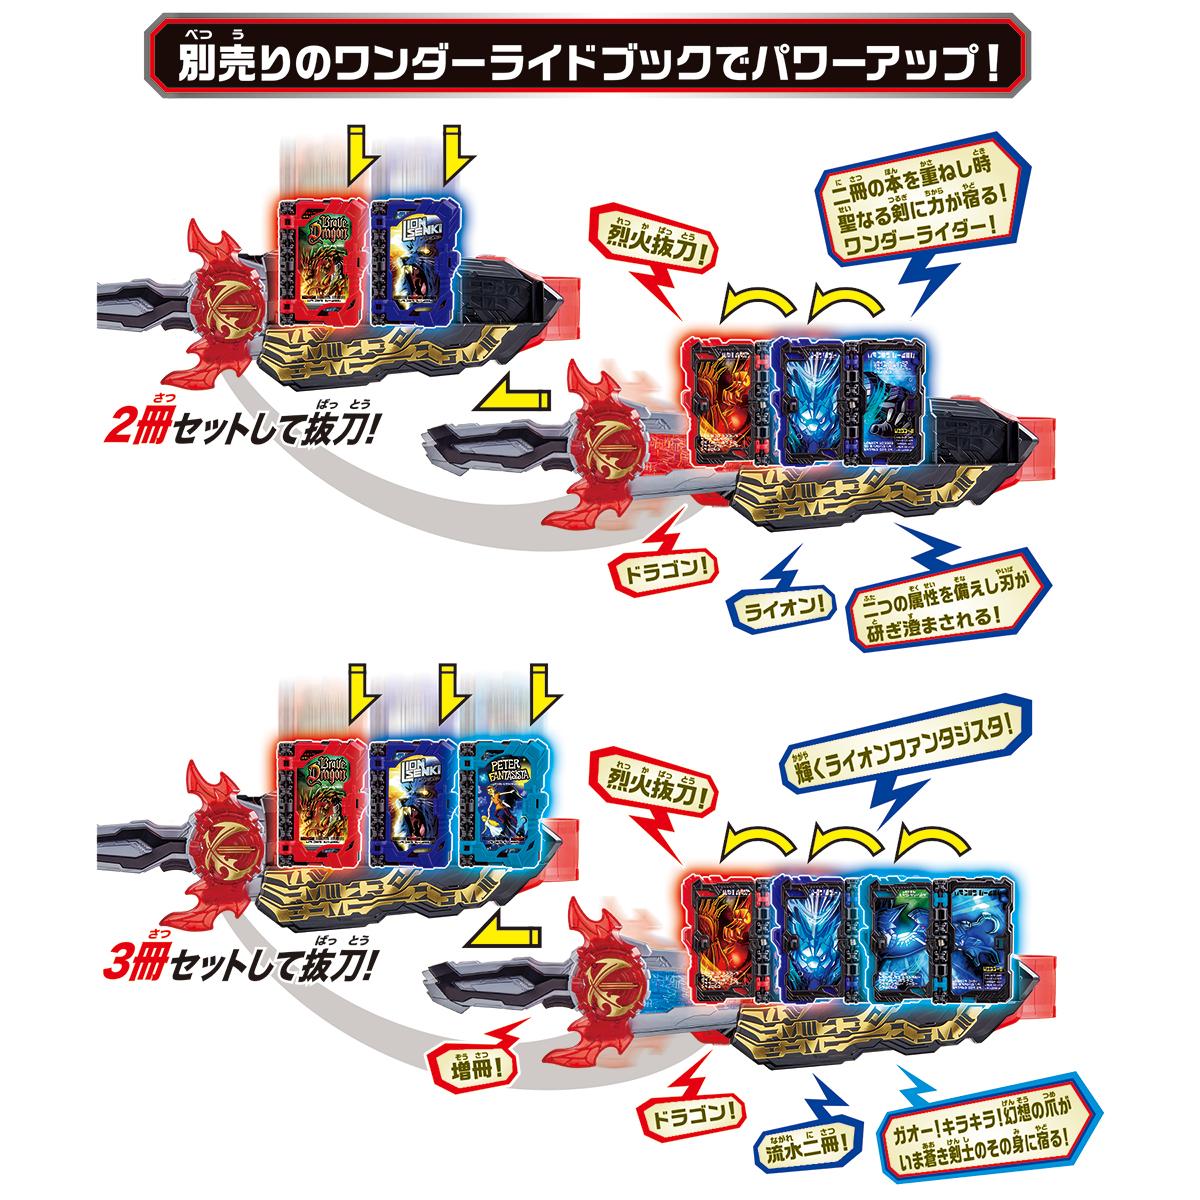 変身ベルト『DX聖剣ソードライバー』仮面ライダーセイバー 変身なりきり-008